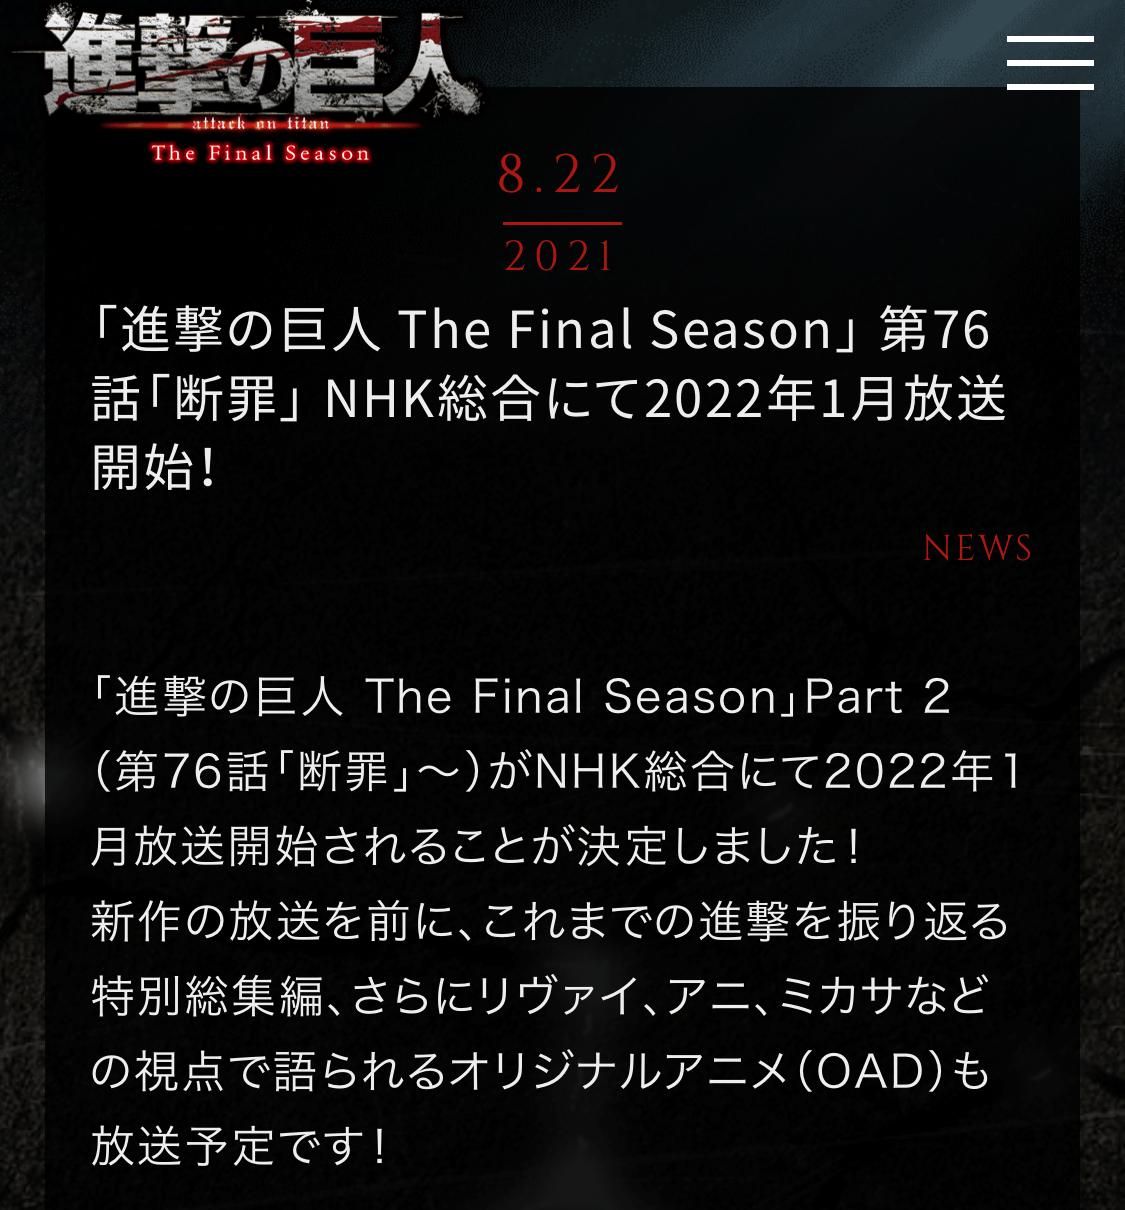 Shingekinokyojin finalfinal